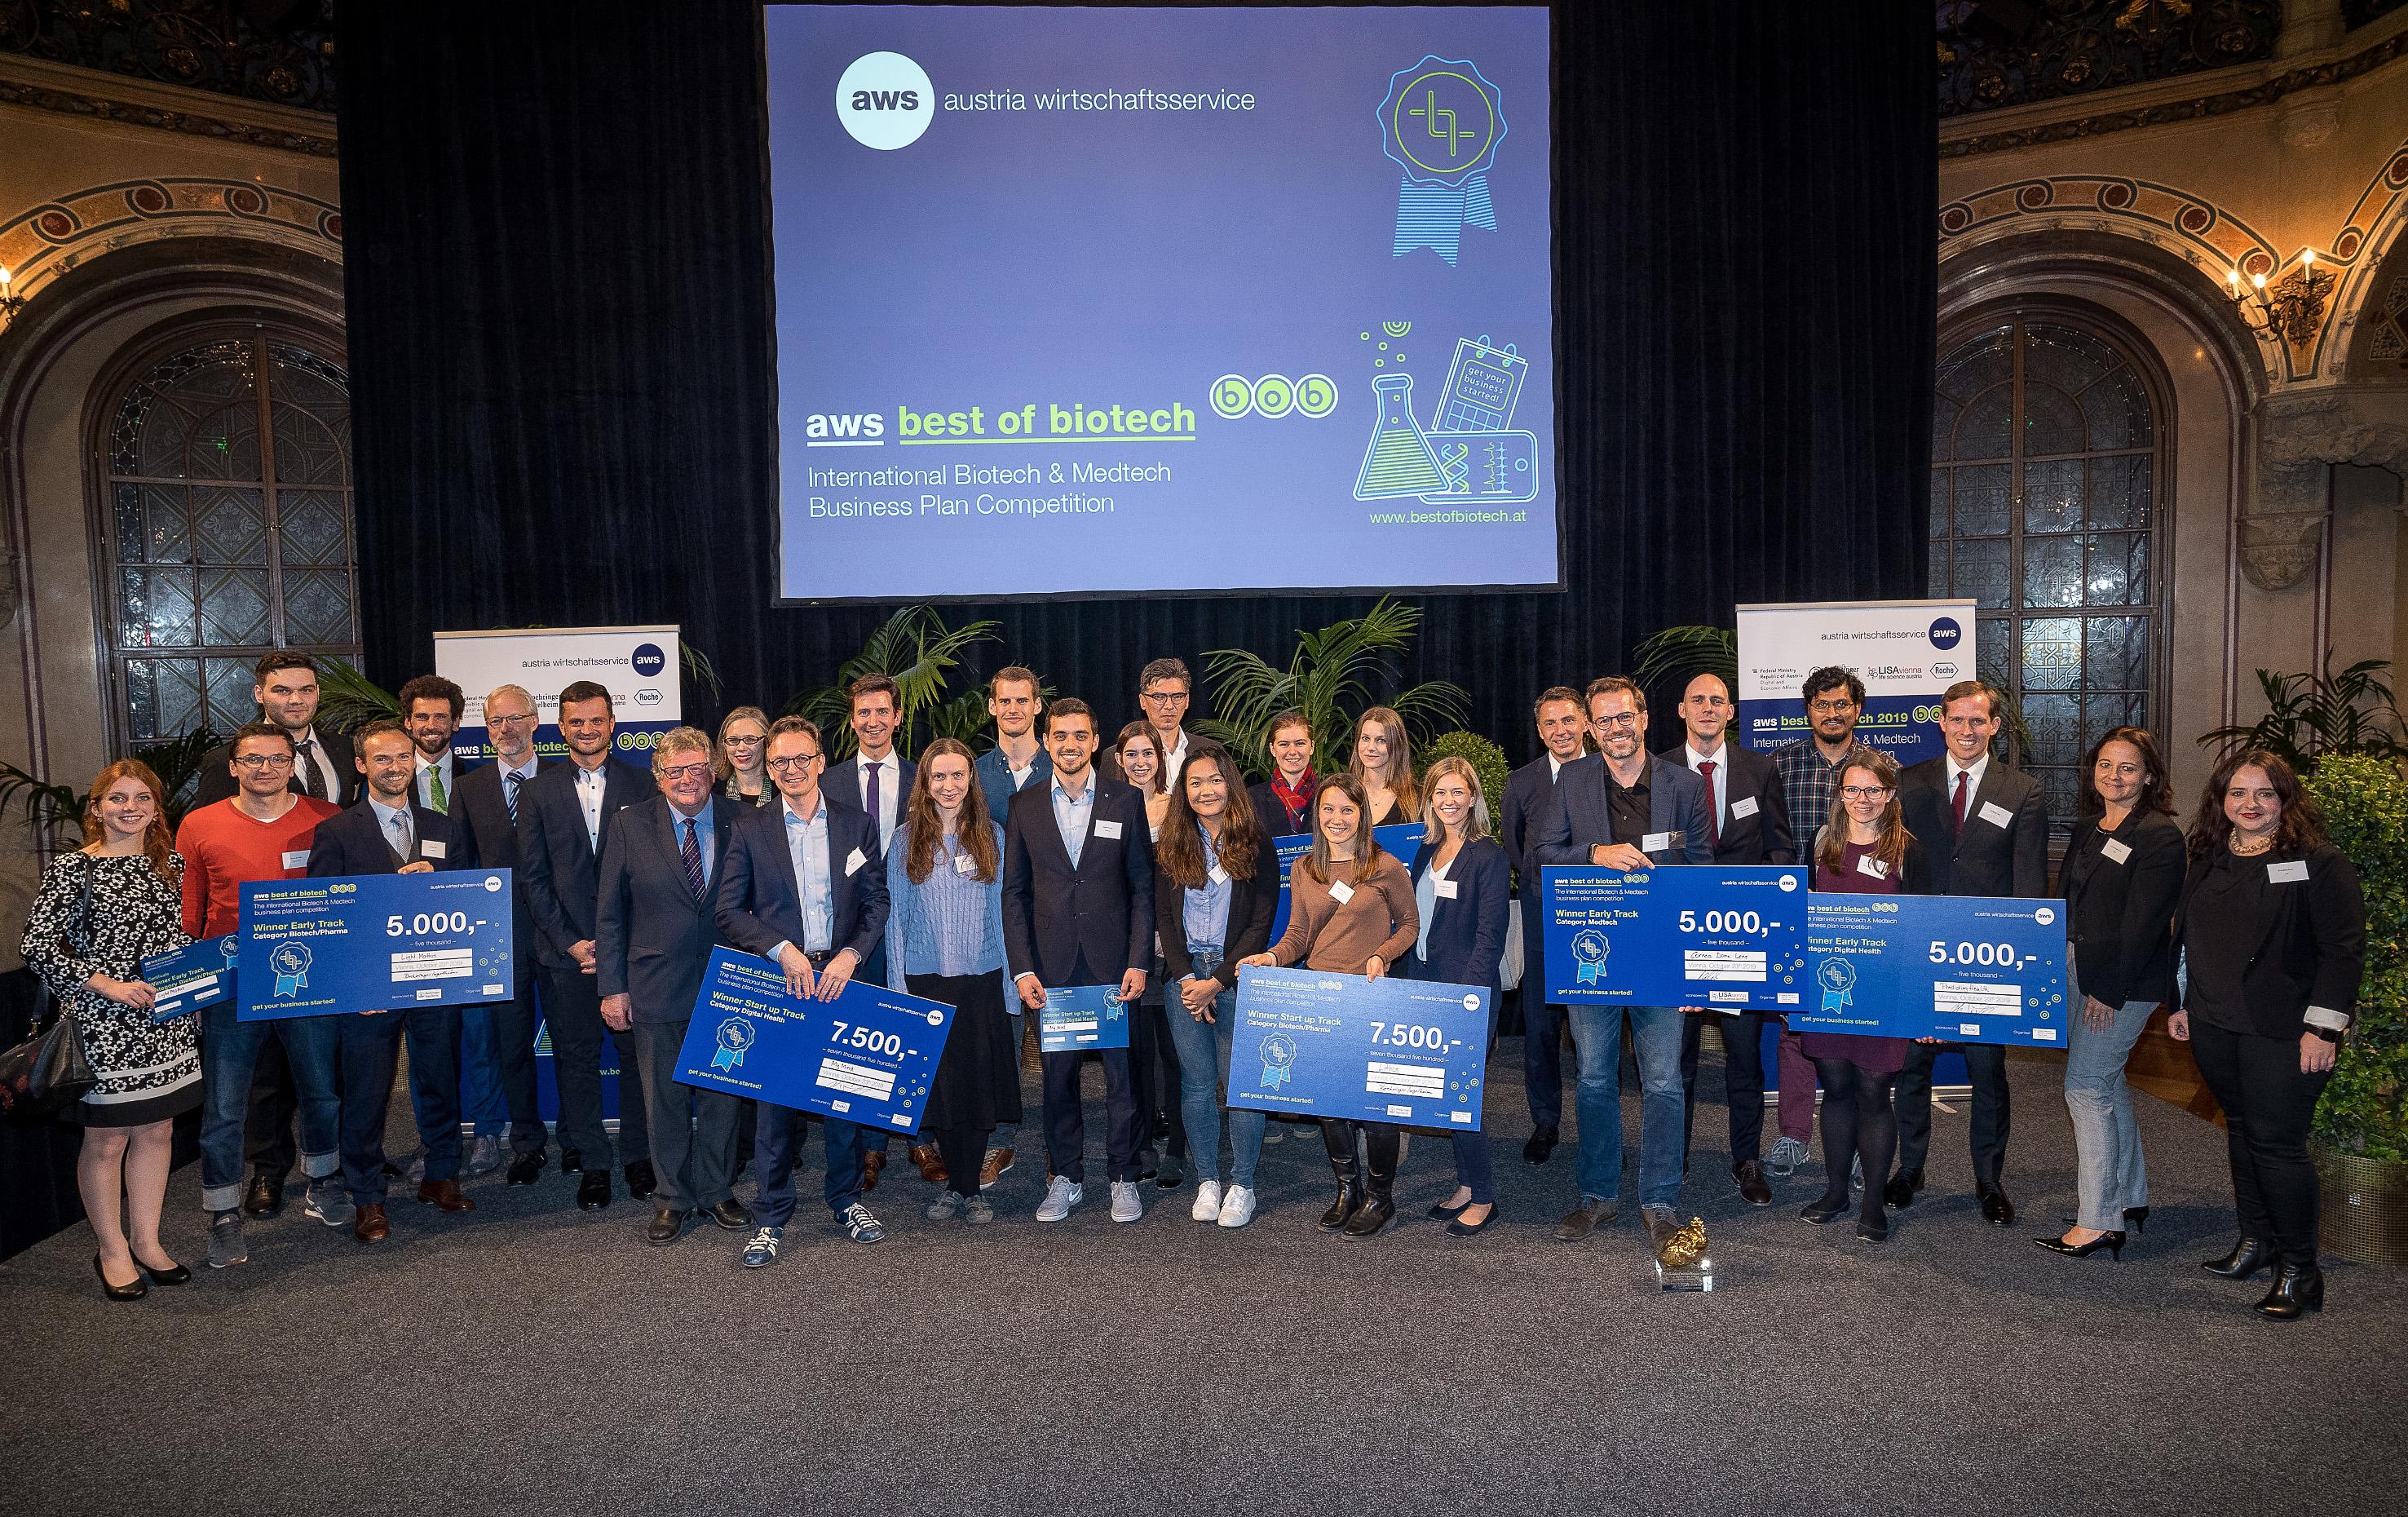 aws Best of Biotech: Auszeichnung der besten Life Science-Geschäftsideen – Gewinner Start up Track, Kategorie Digital Health: MyMind!